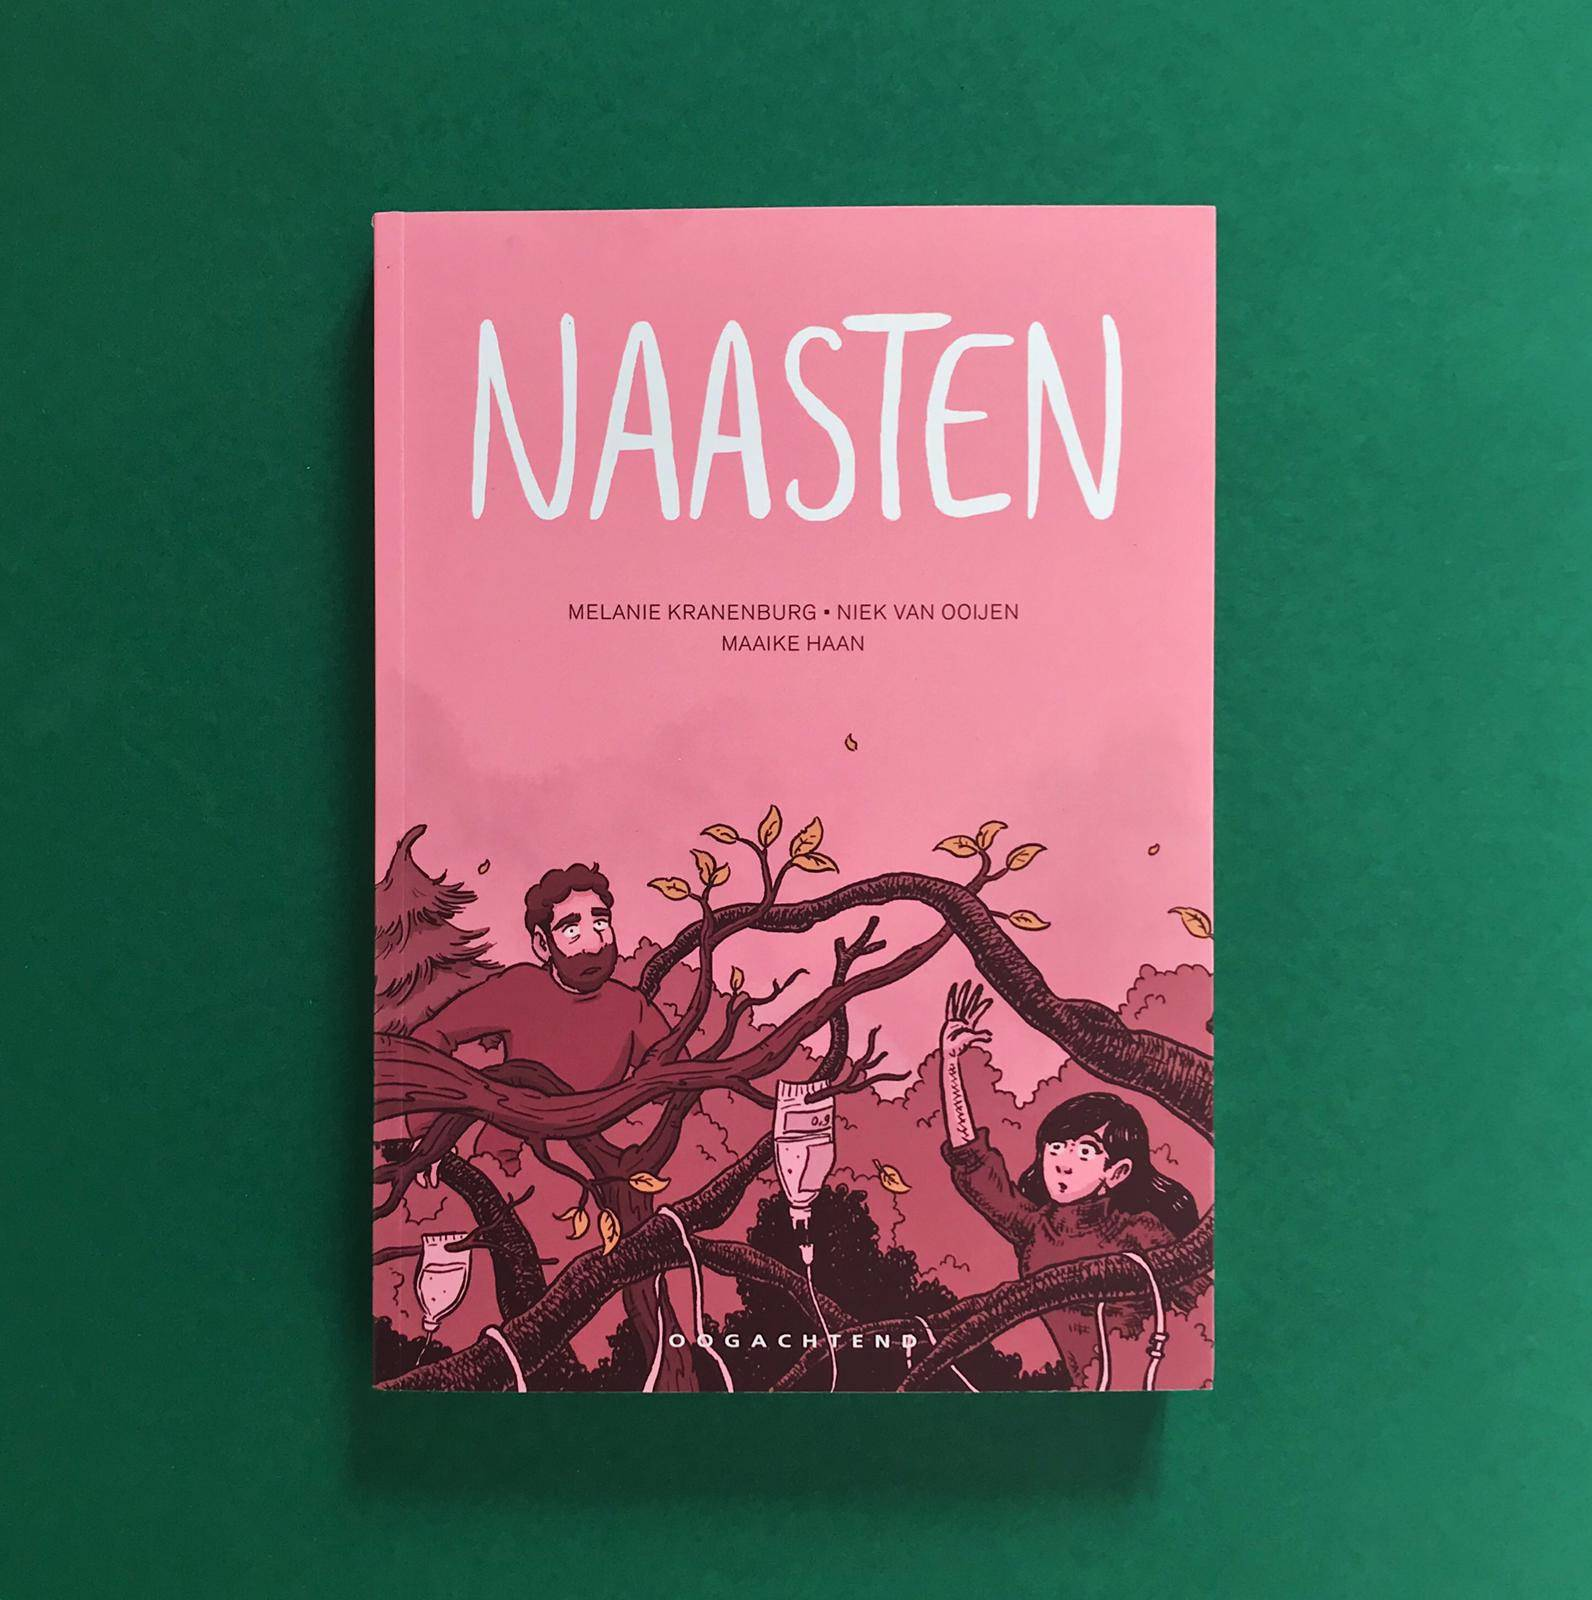 Aangrijpende verhalen in het boek 'Naasten'